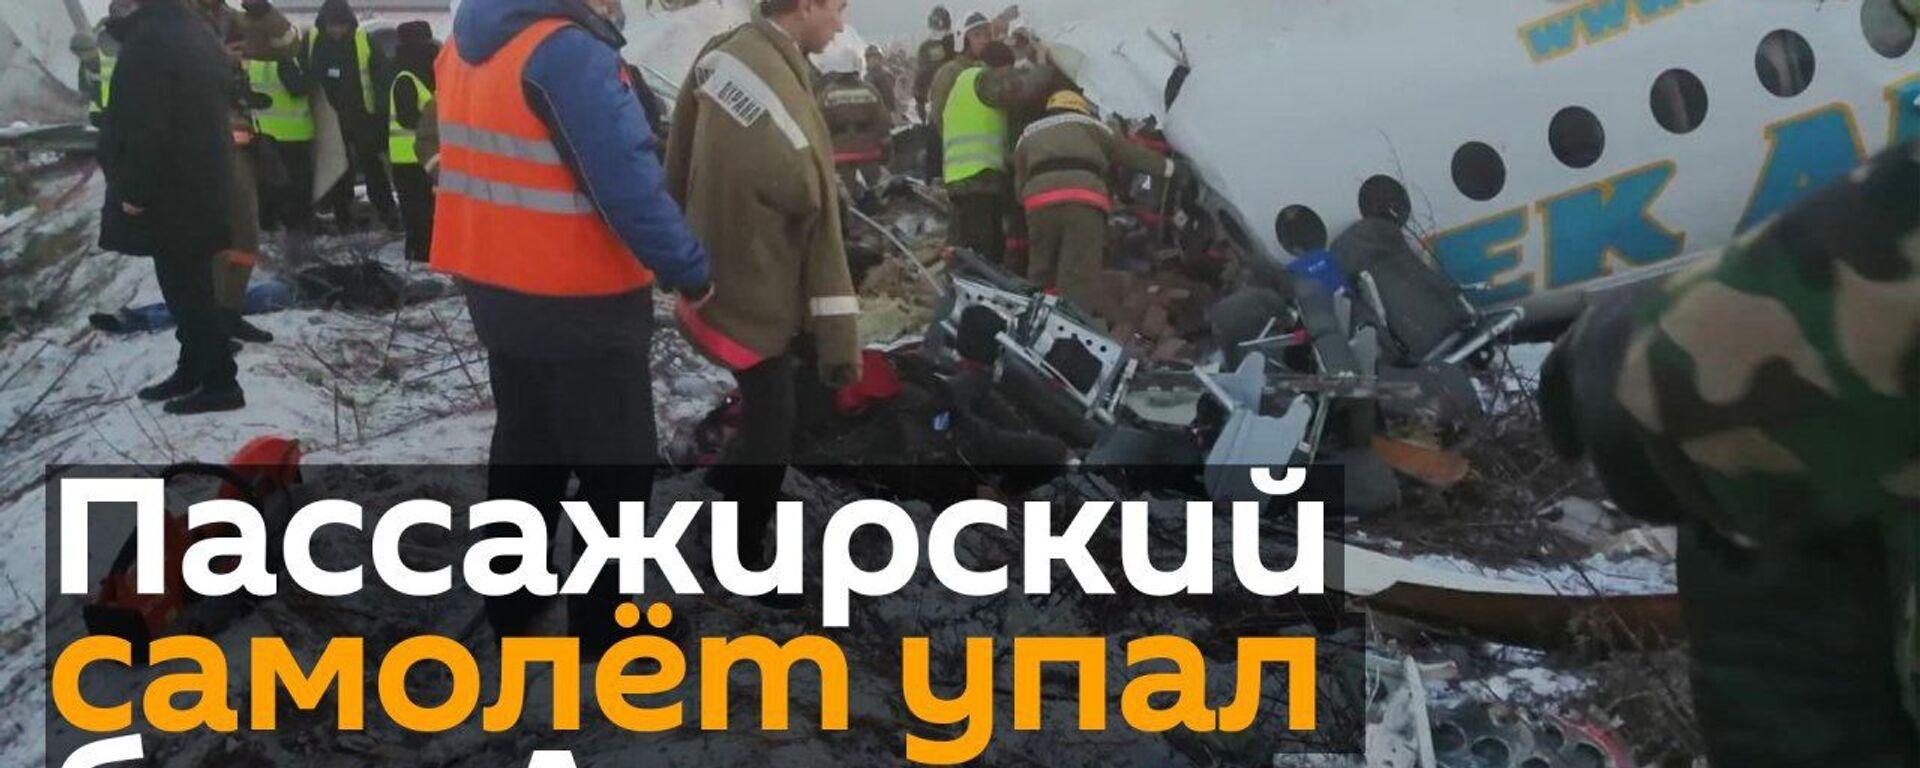 Пассажирский самолет рухнул в Алматы: 14 человек погибли - Sputnik Узбекистан, 1920, 27.12.2019